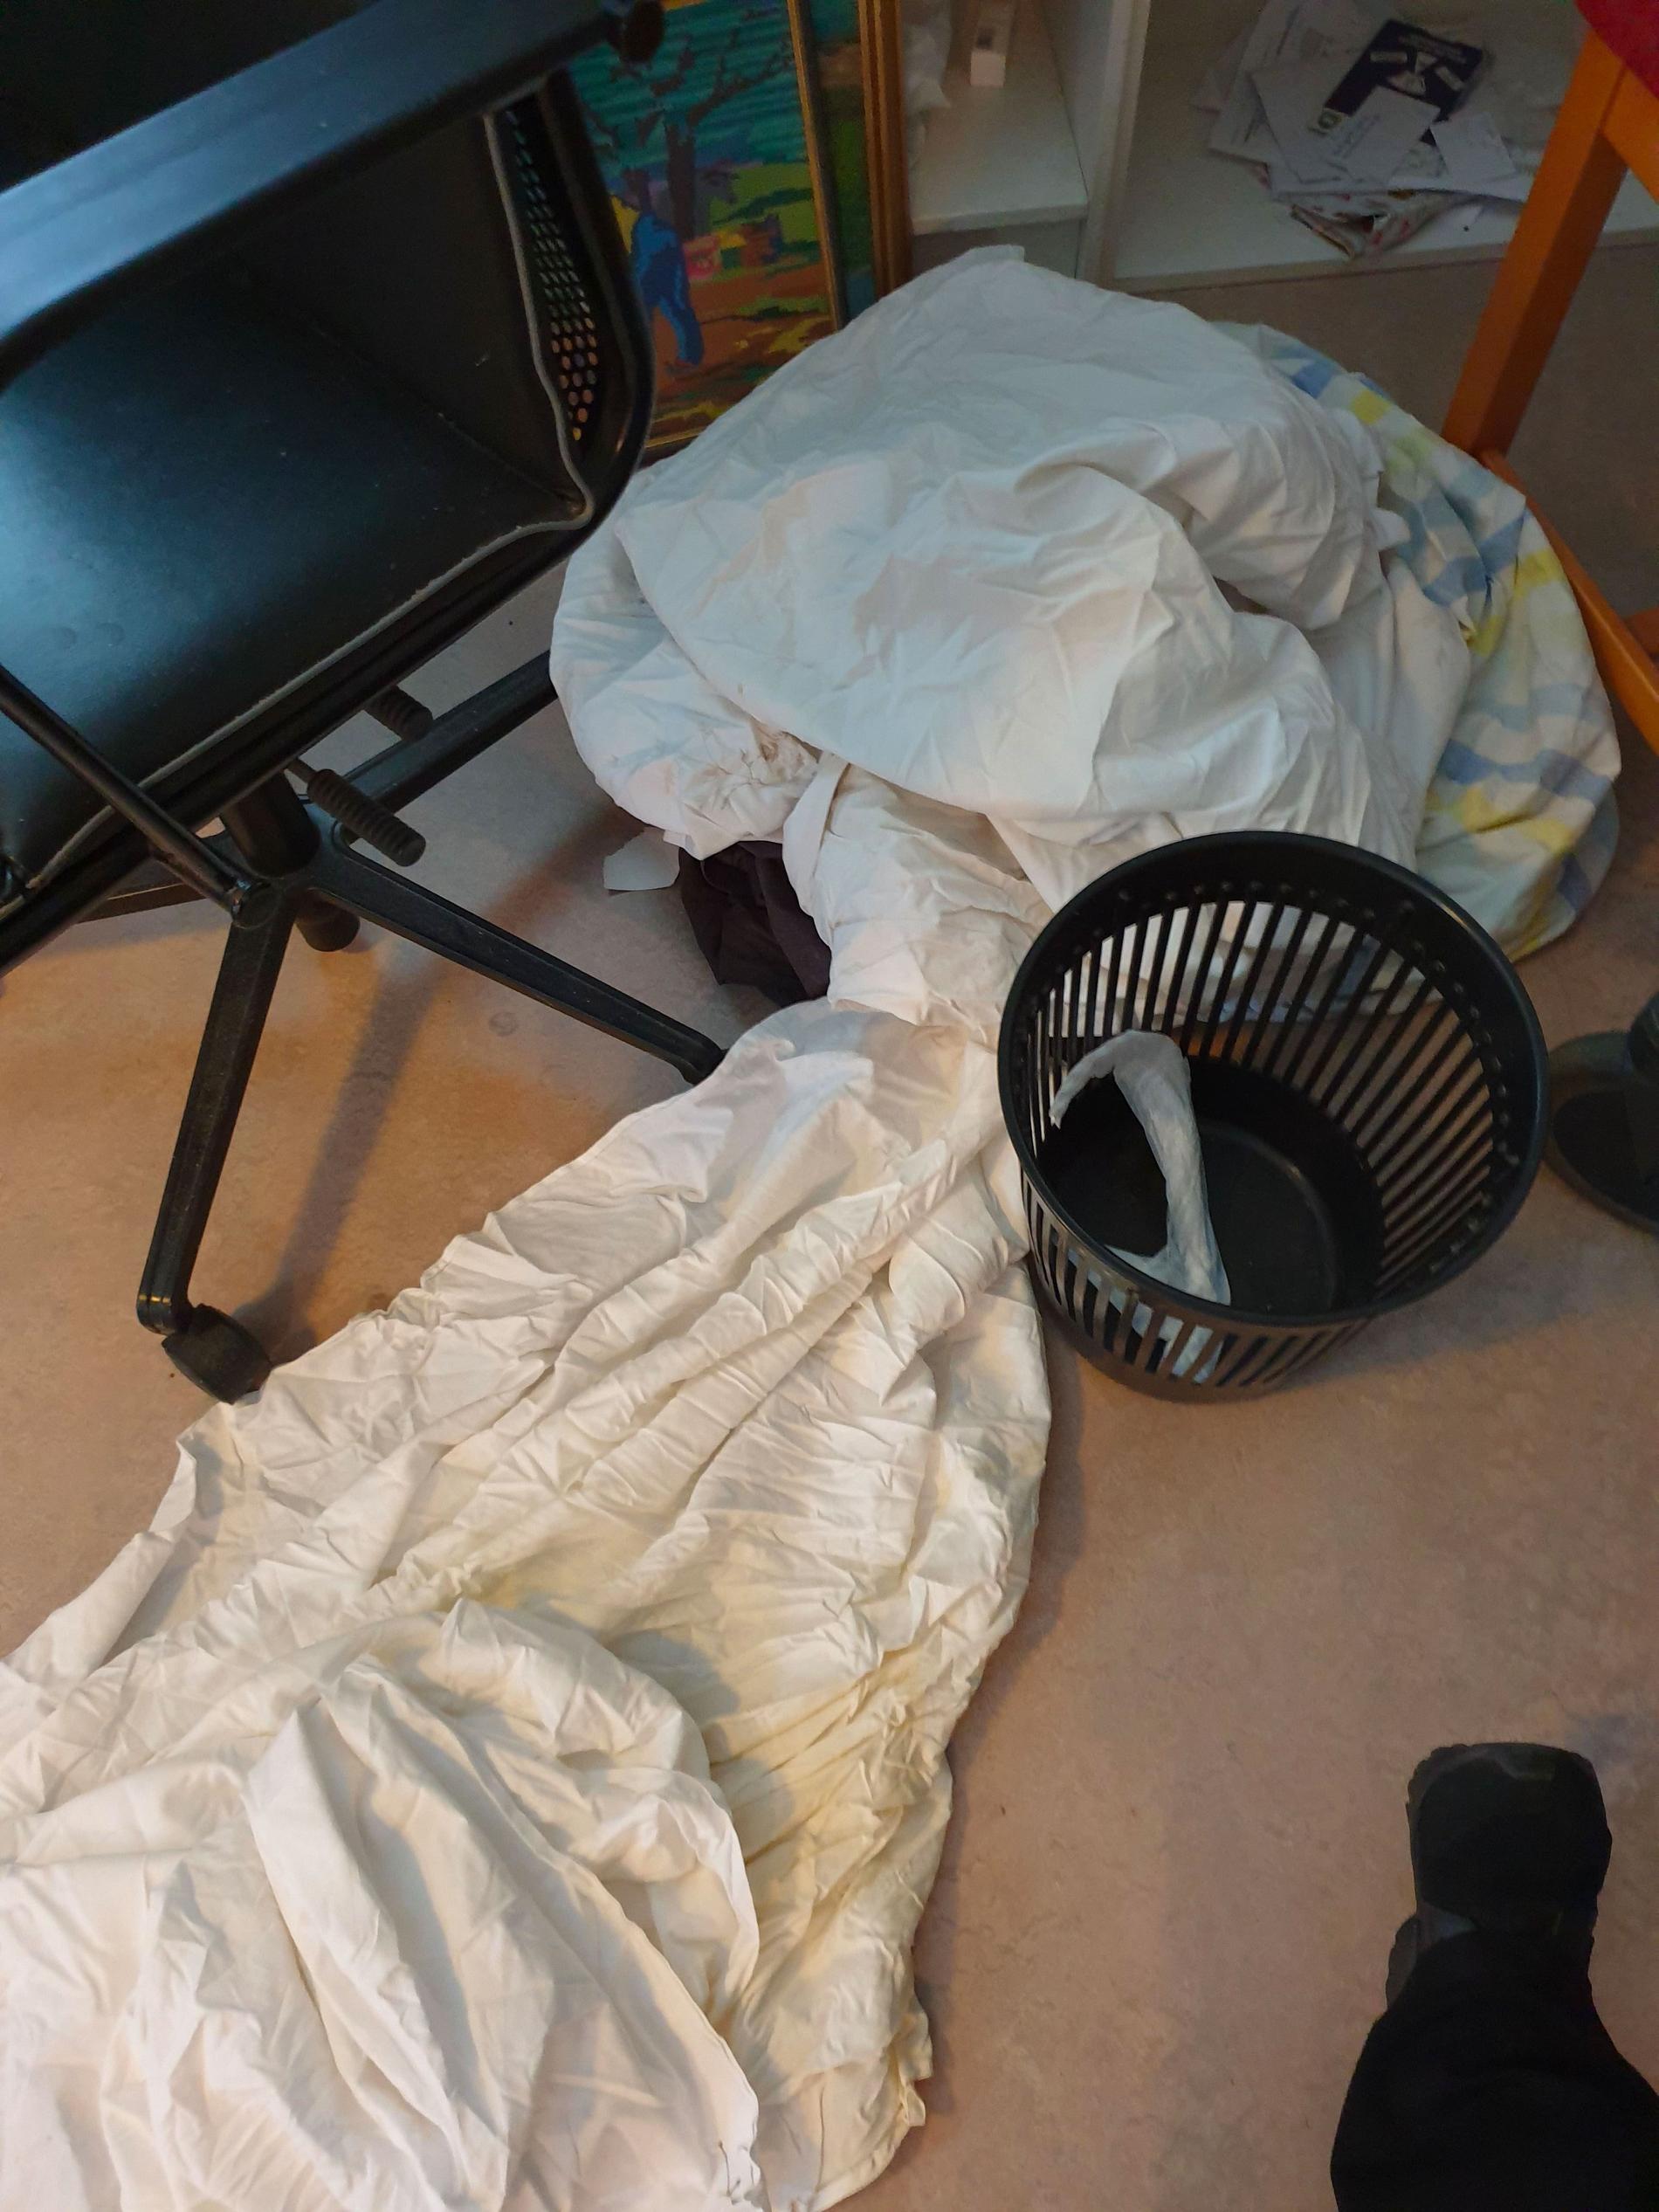 Trots daglig hjälp från hemtjänsten fanns det avföring på sängkläderna.